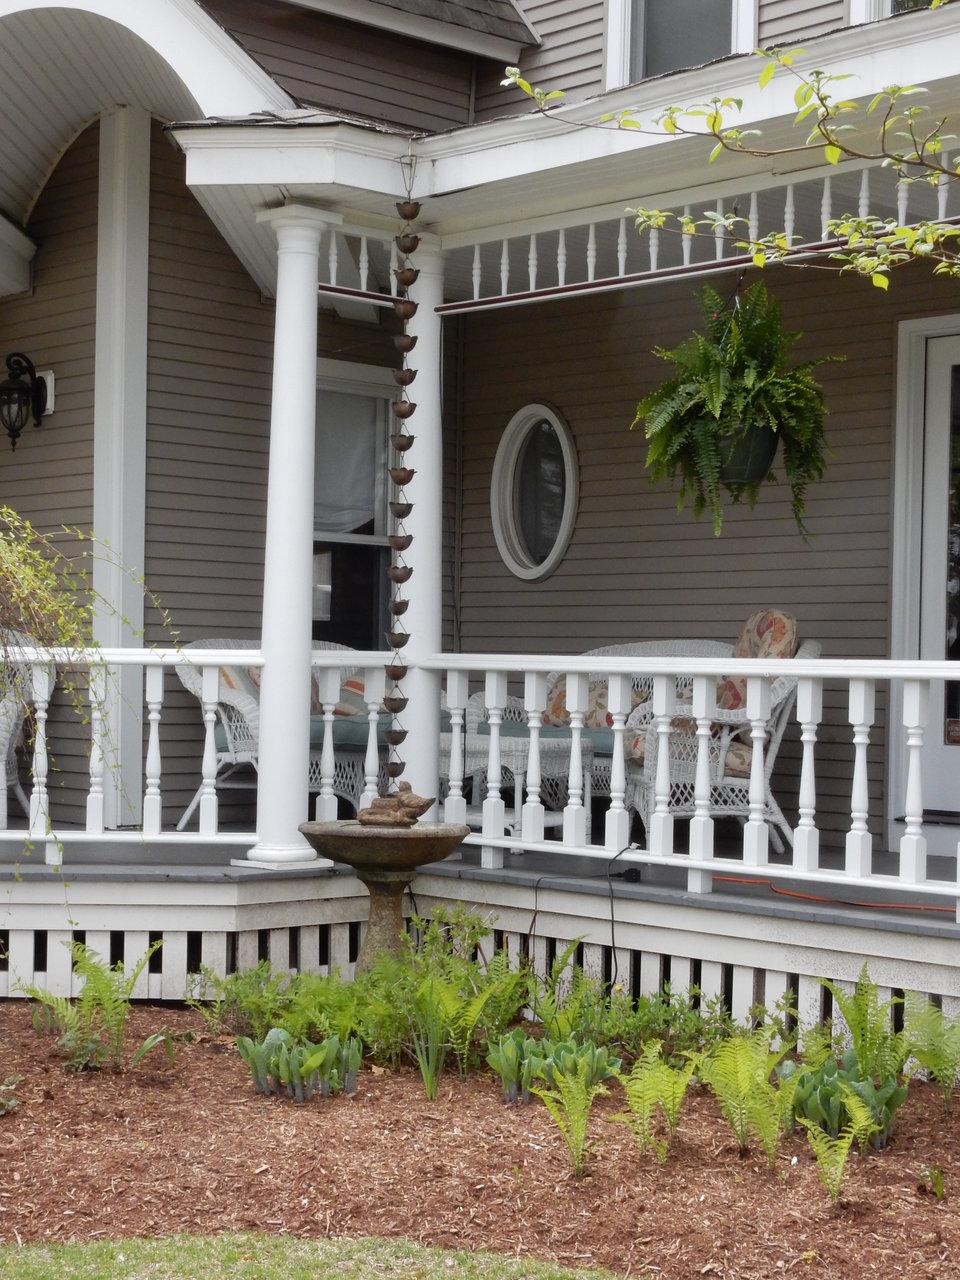 表のポーチは道行く人に家の美意識を見せる。